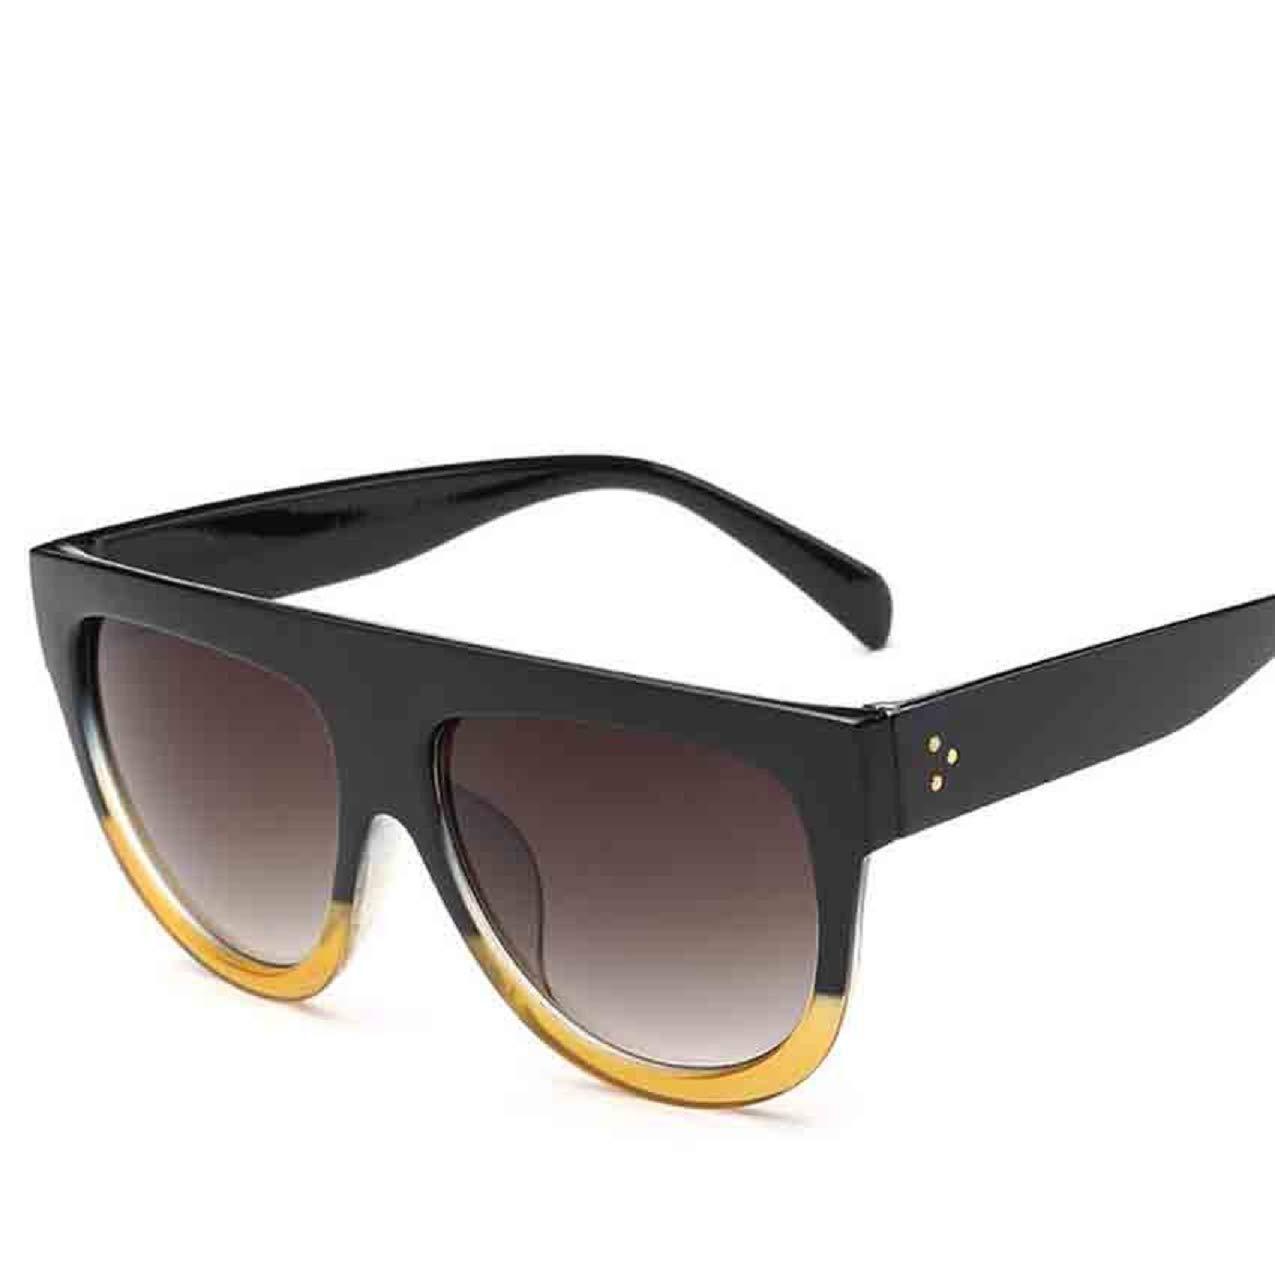 Gafas de Sol Hombre Deportivas, Zolimx Steampunk Estilo Retro Inspirado Círculo Metálico Redondo Gafas de Sol Polarizadas Para Hombres y Mujers: Amazon.es: ...